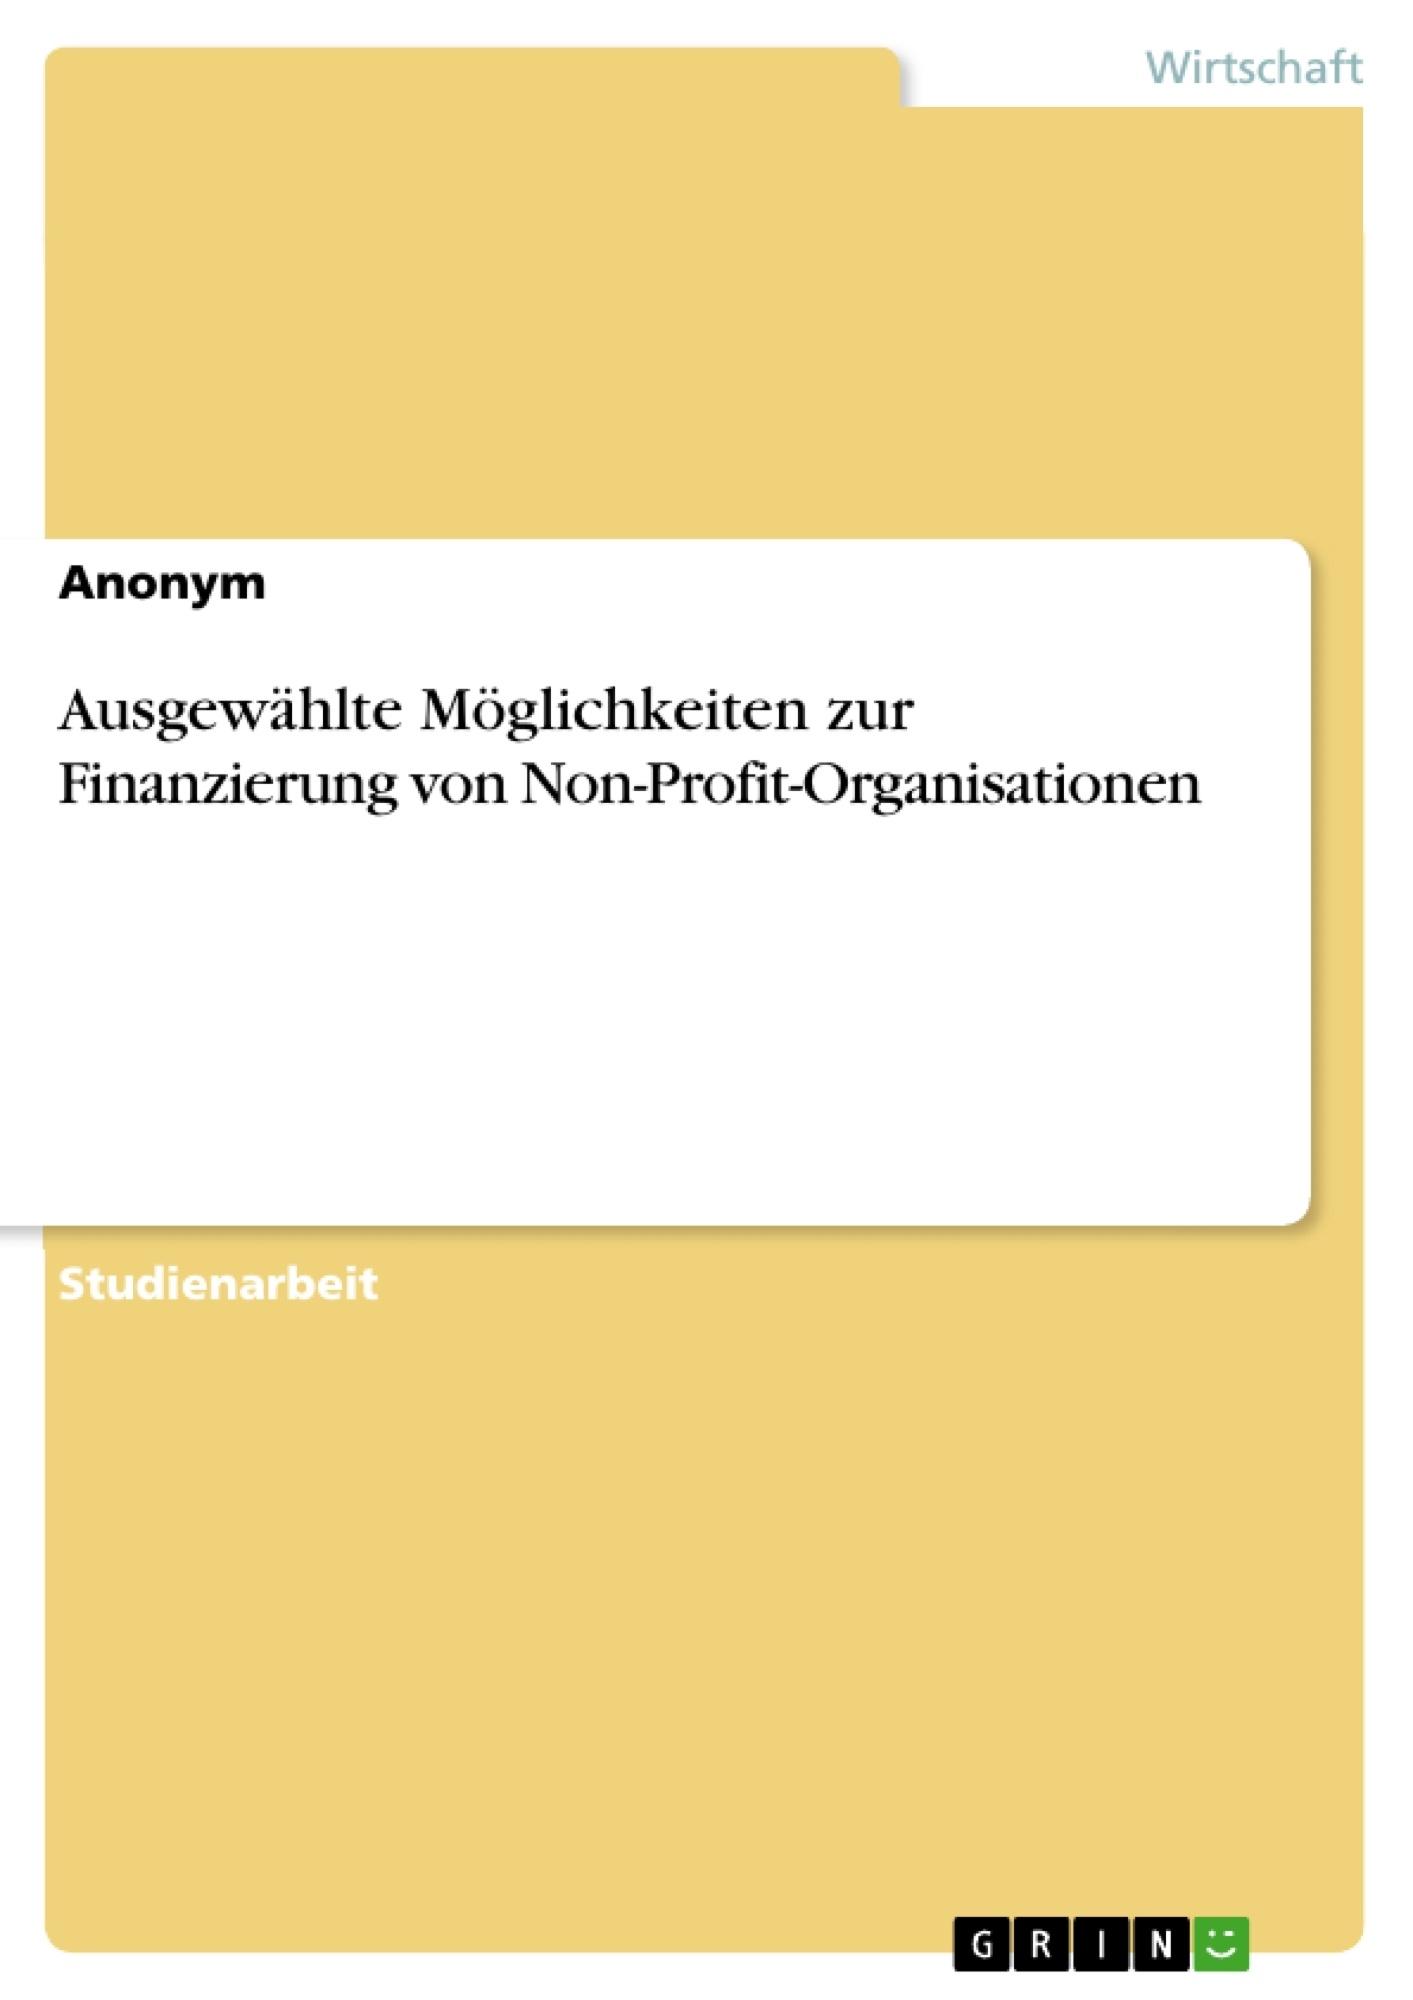 Titel: Ausgewählte Möglichkeiten zur Finanzierung von Non-Profit-Organisationen